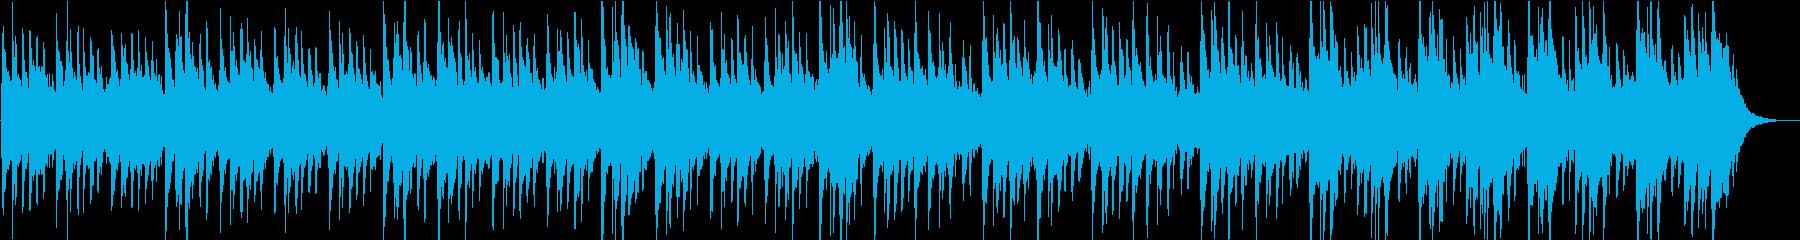 琴とクワイアの不穏な和風の曲の再生済みの波形